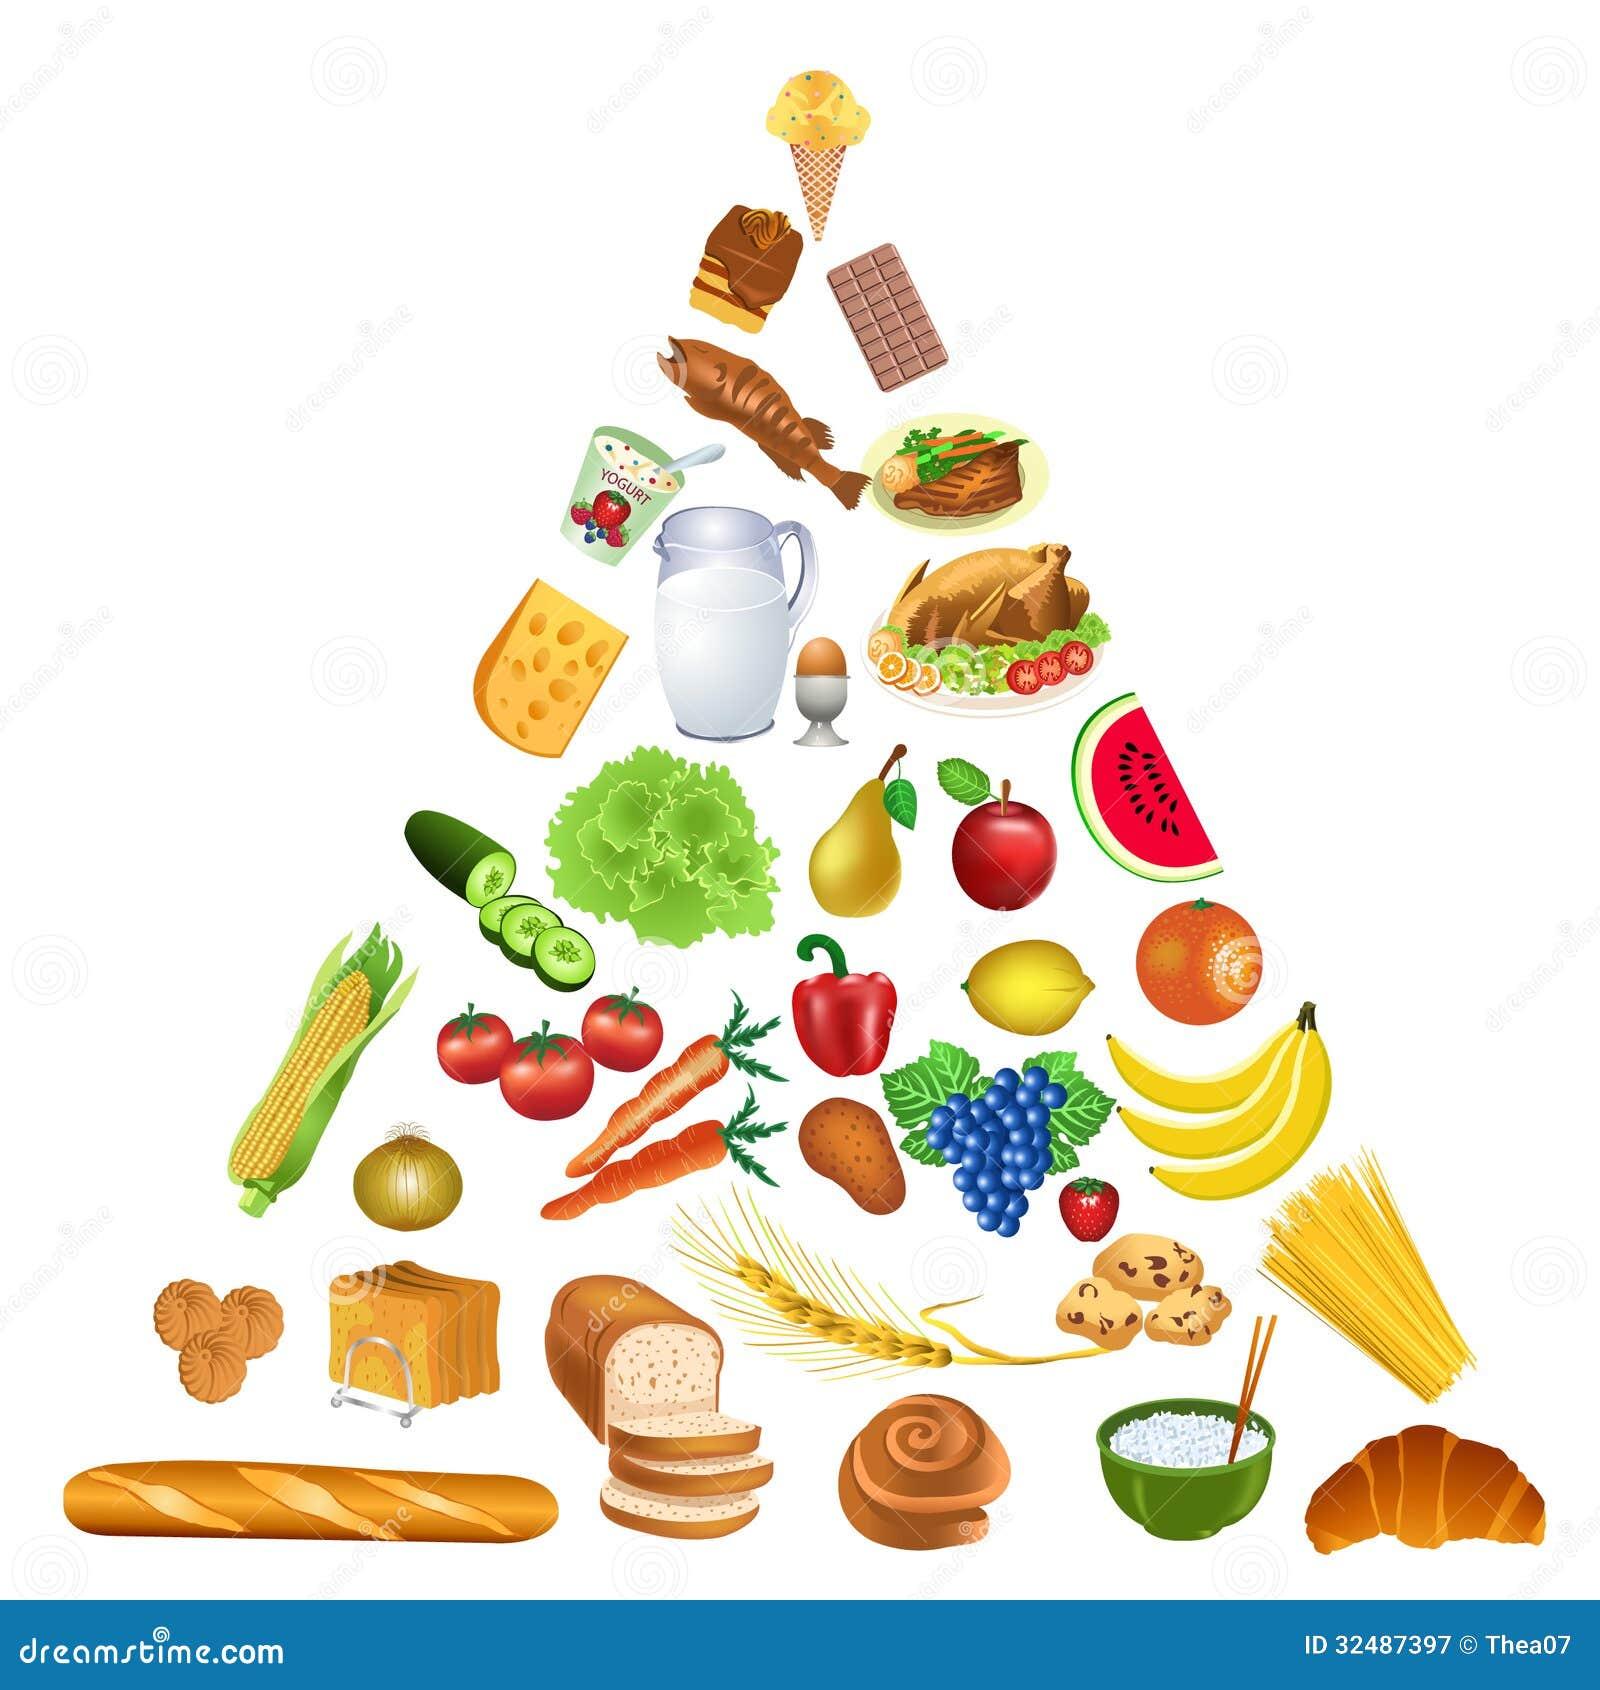 правильного питания для похудения фото результат